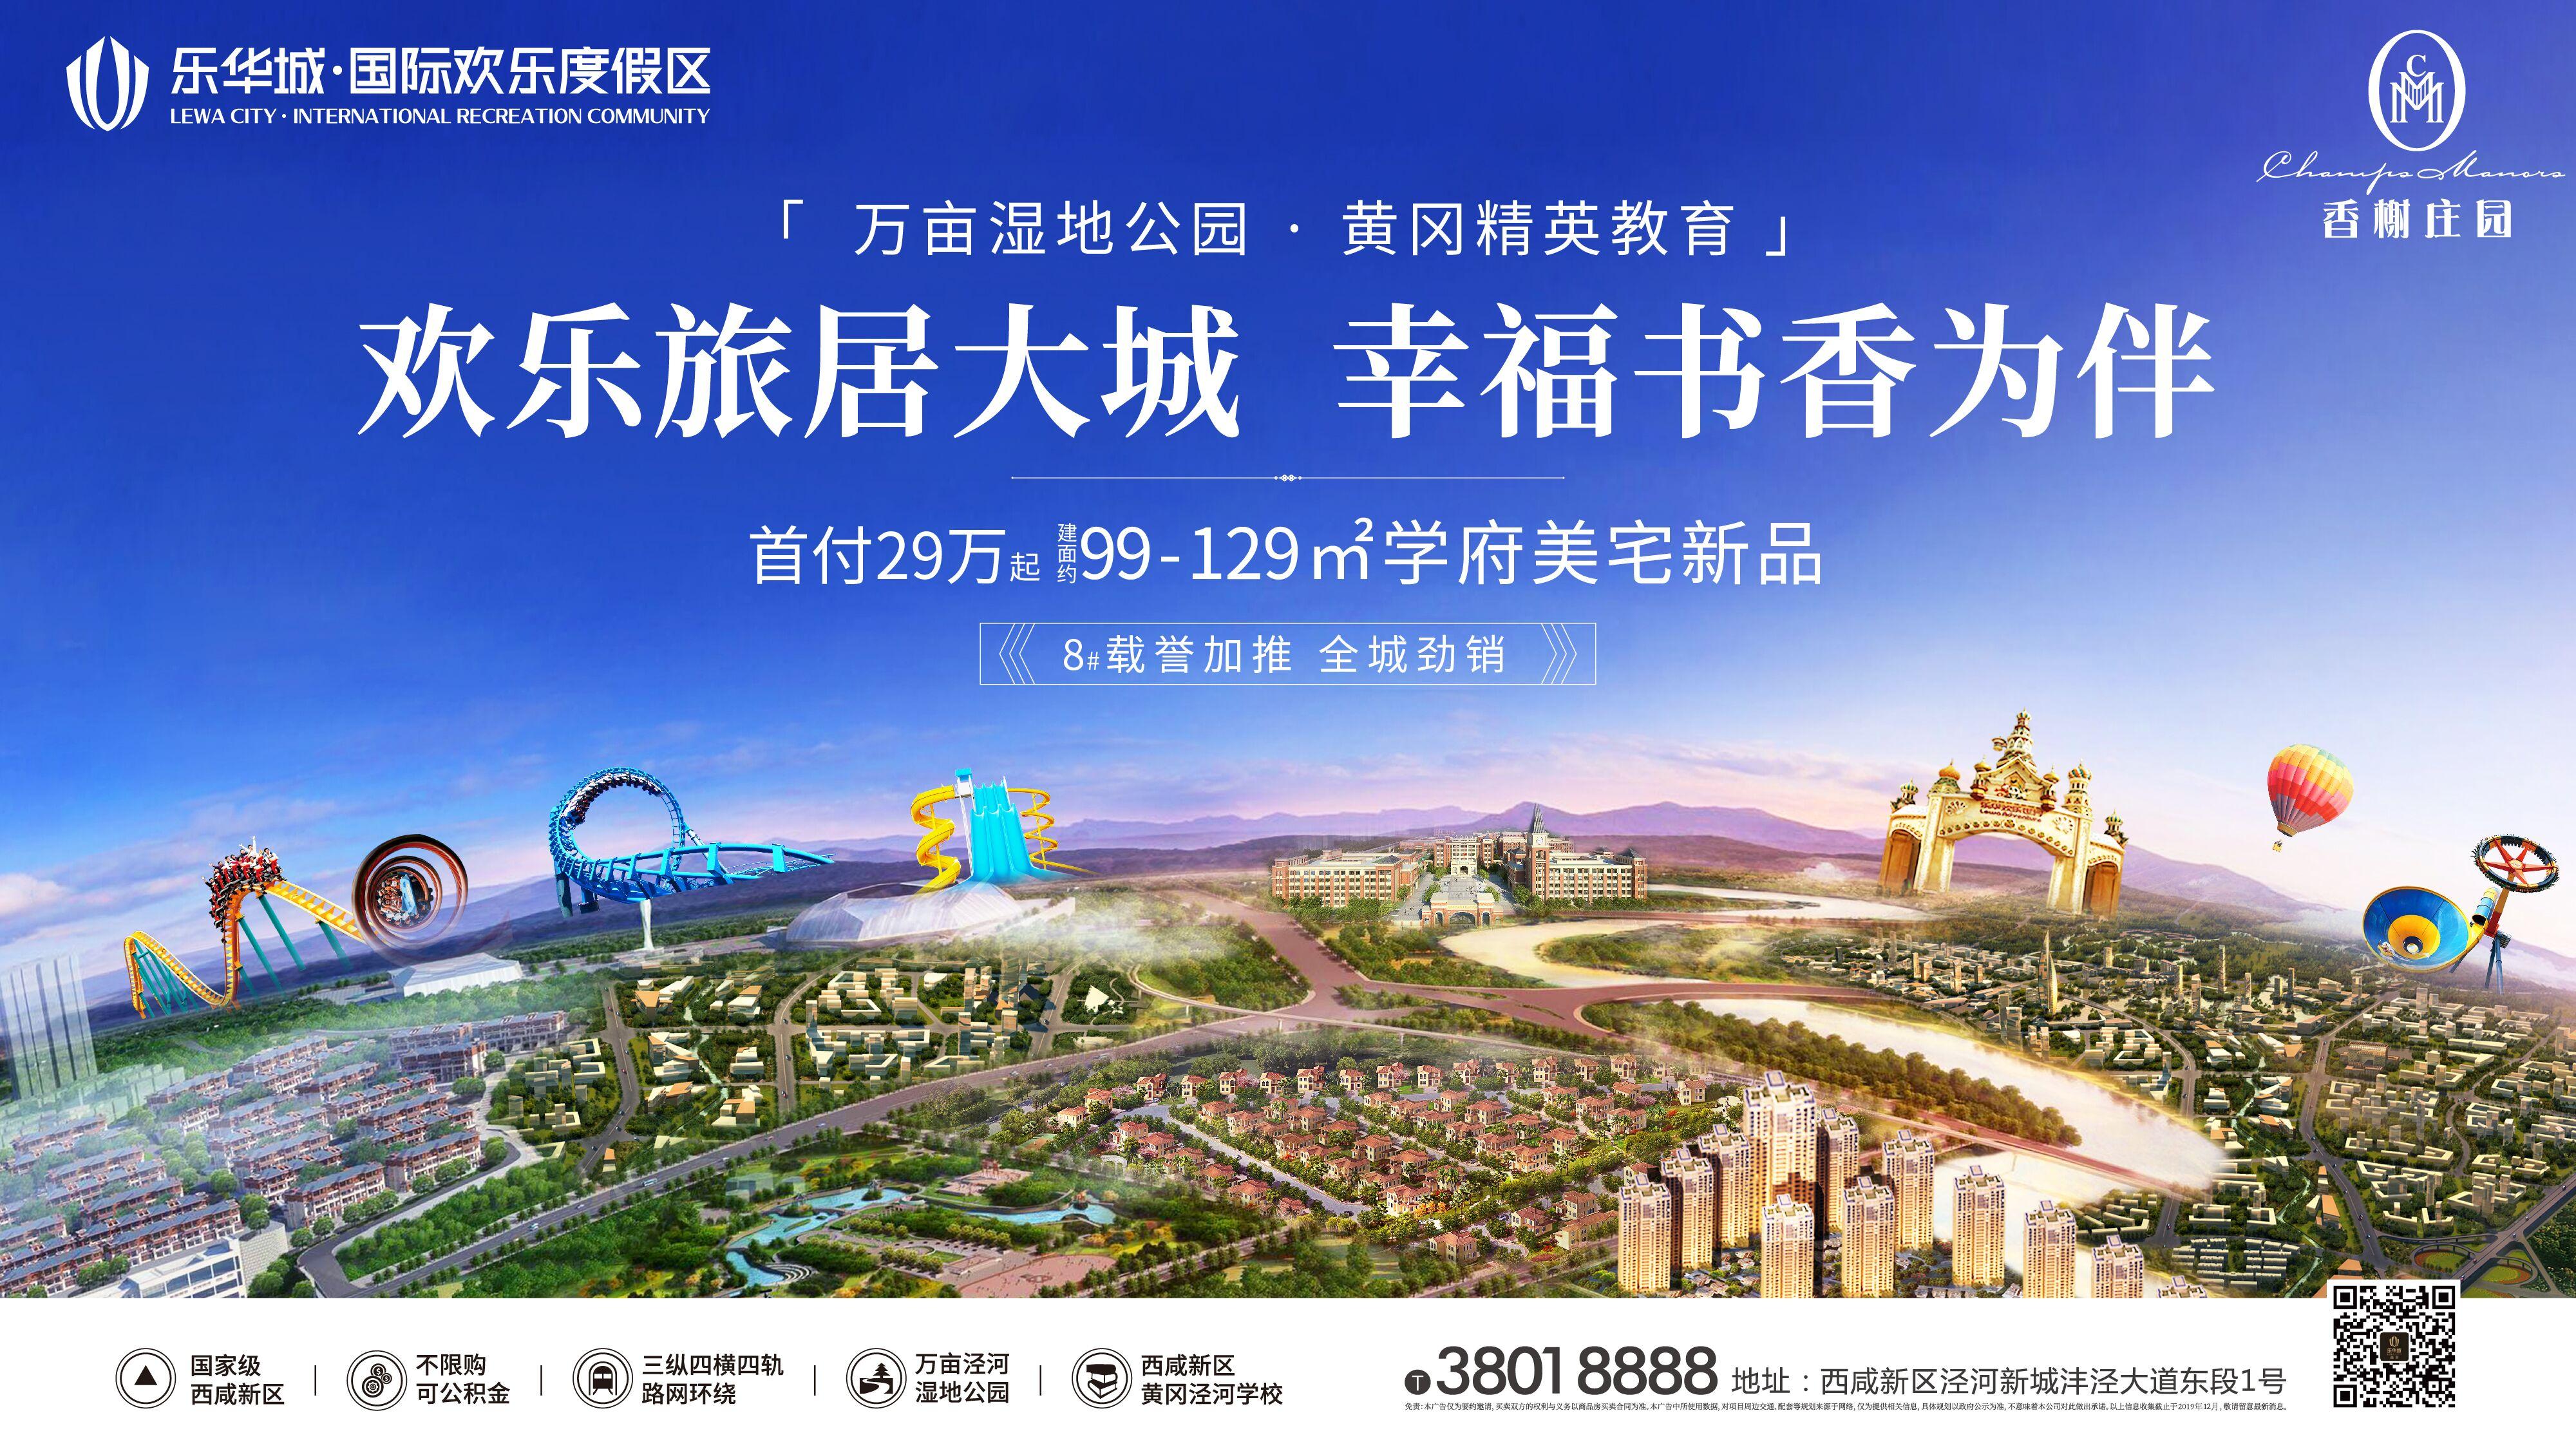 乐华城:大西安文旅产业发展领头羊